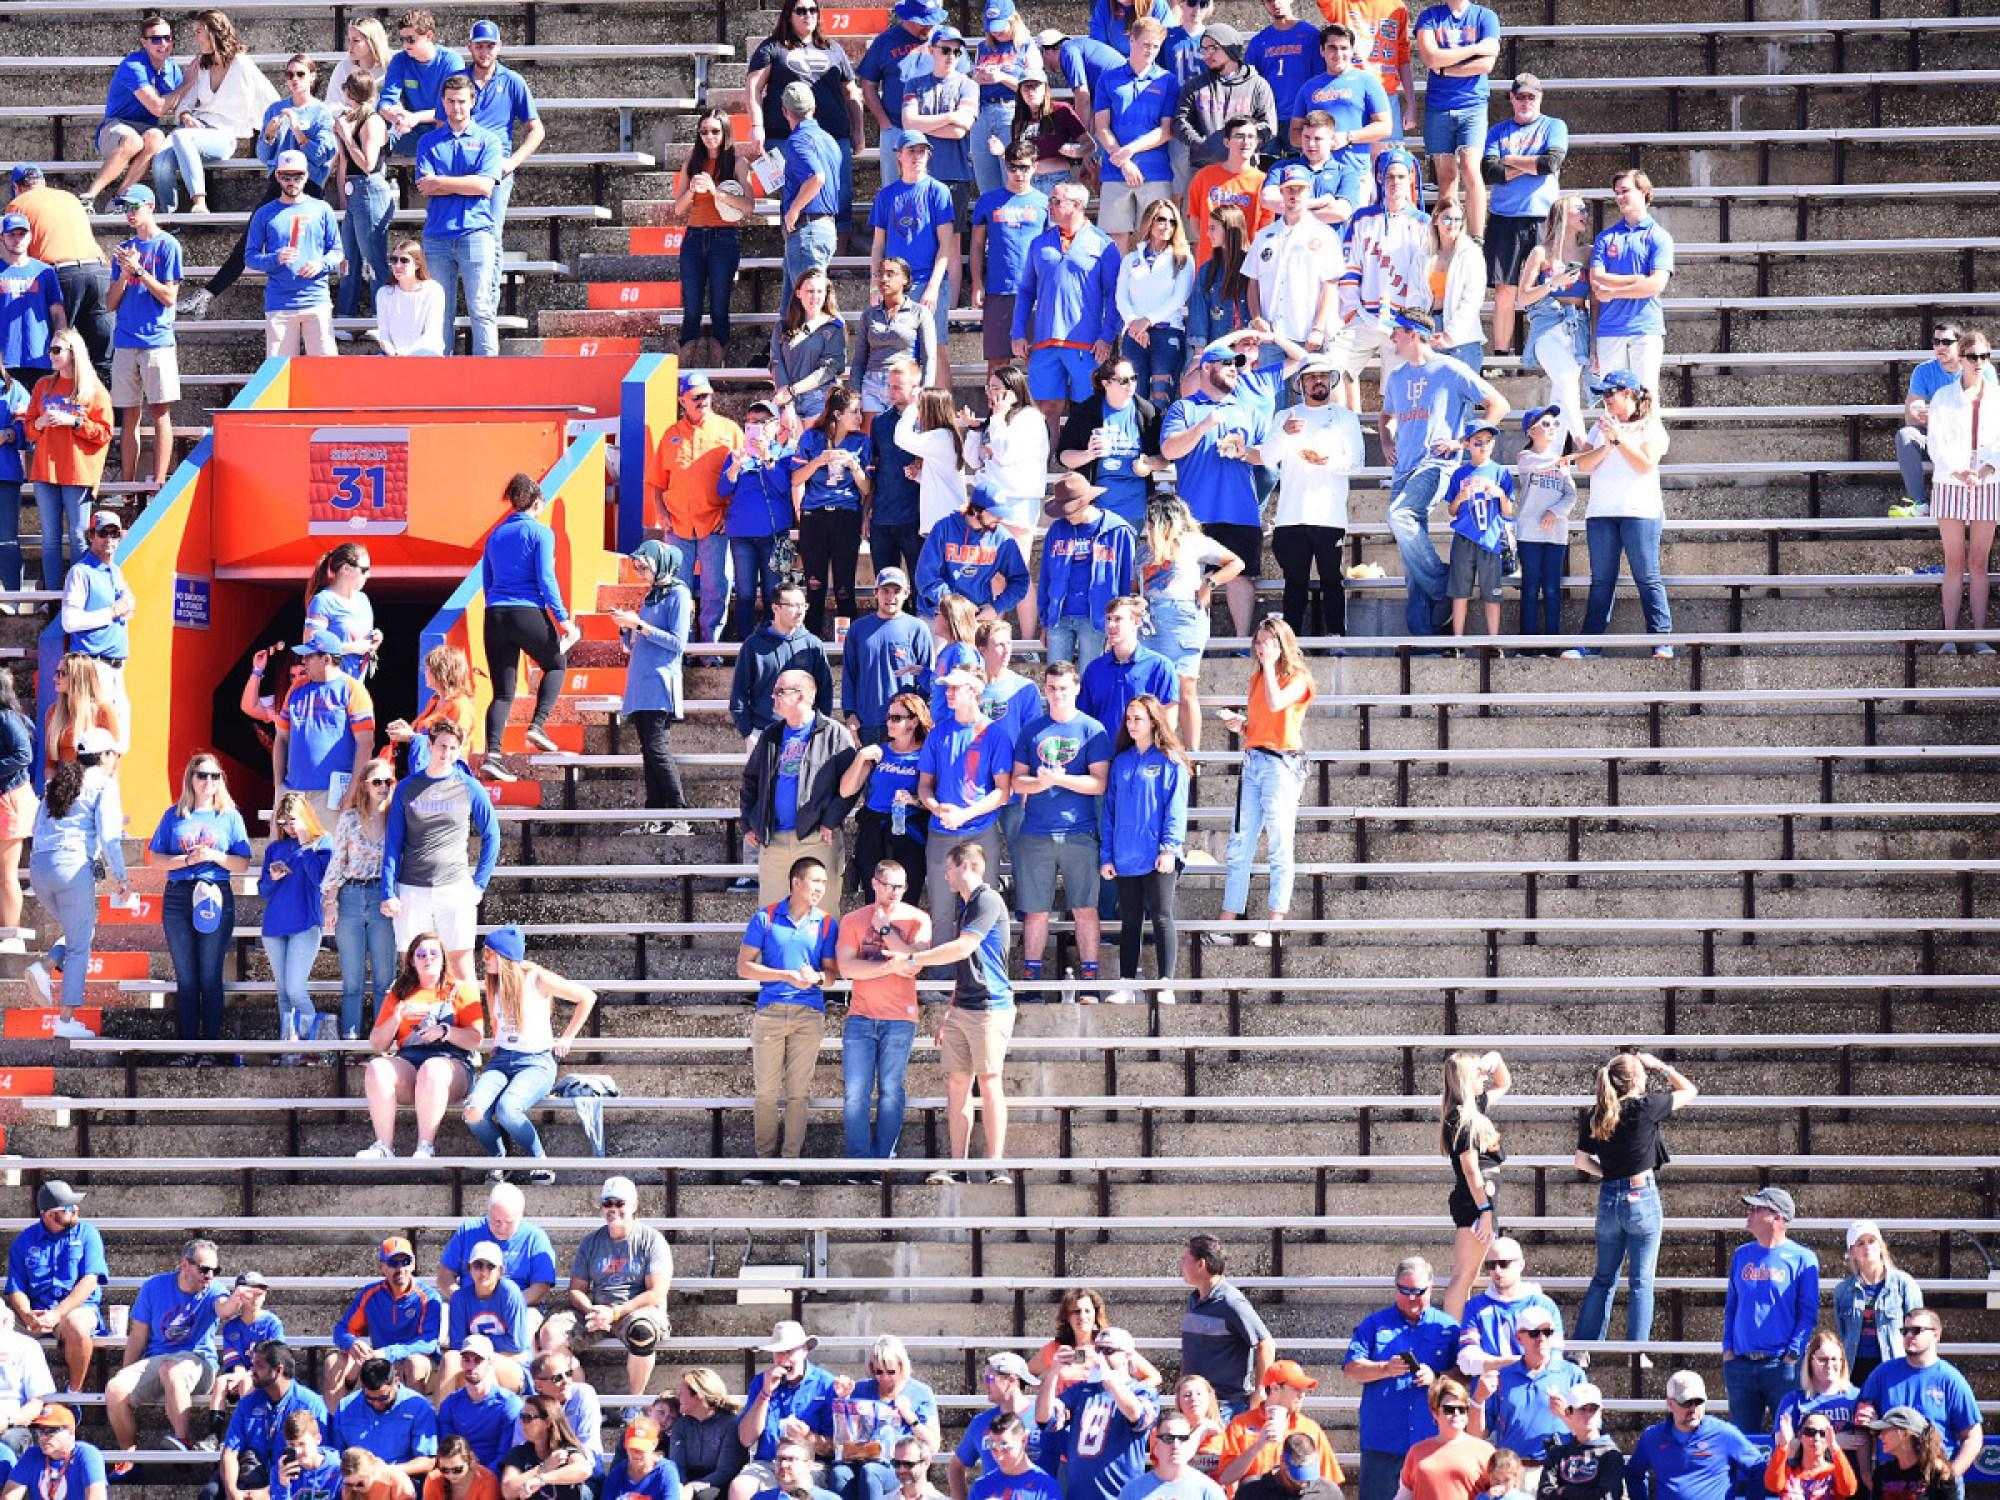 Florida football fan attendance